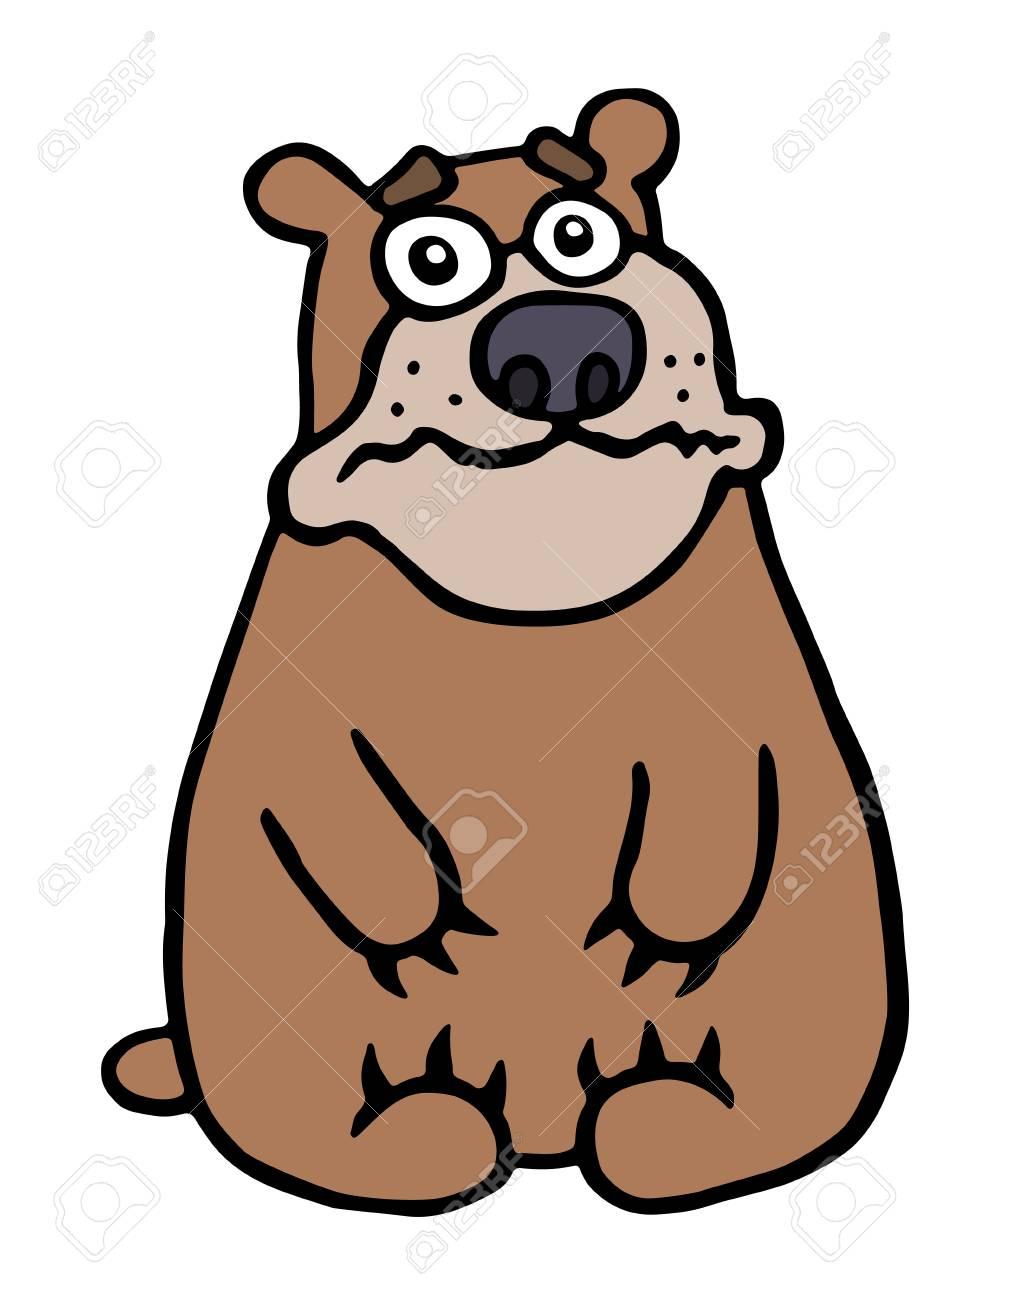 かわいい不幸なクマ。ベクトル イラスト。憂鬱な漫画動物のキャラクター